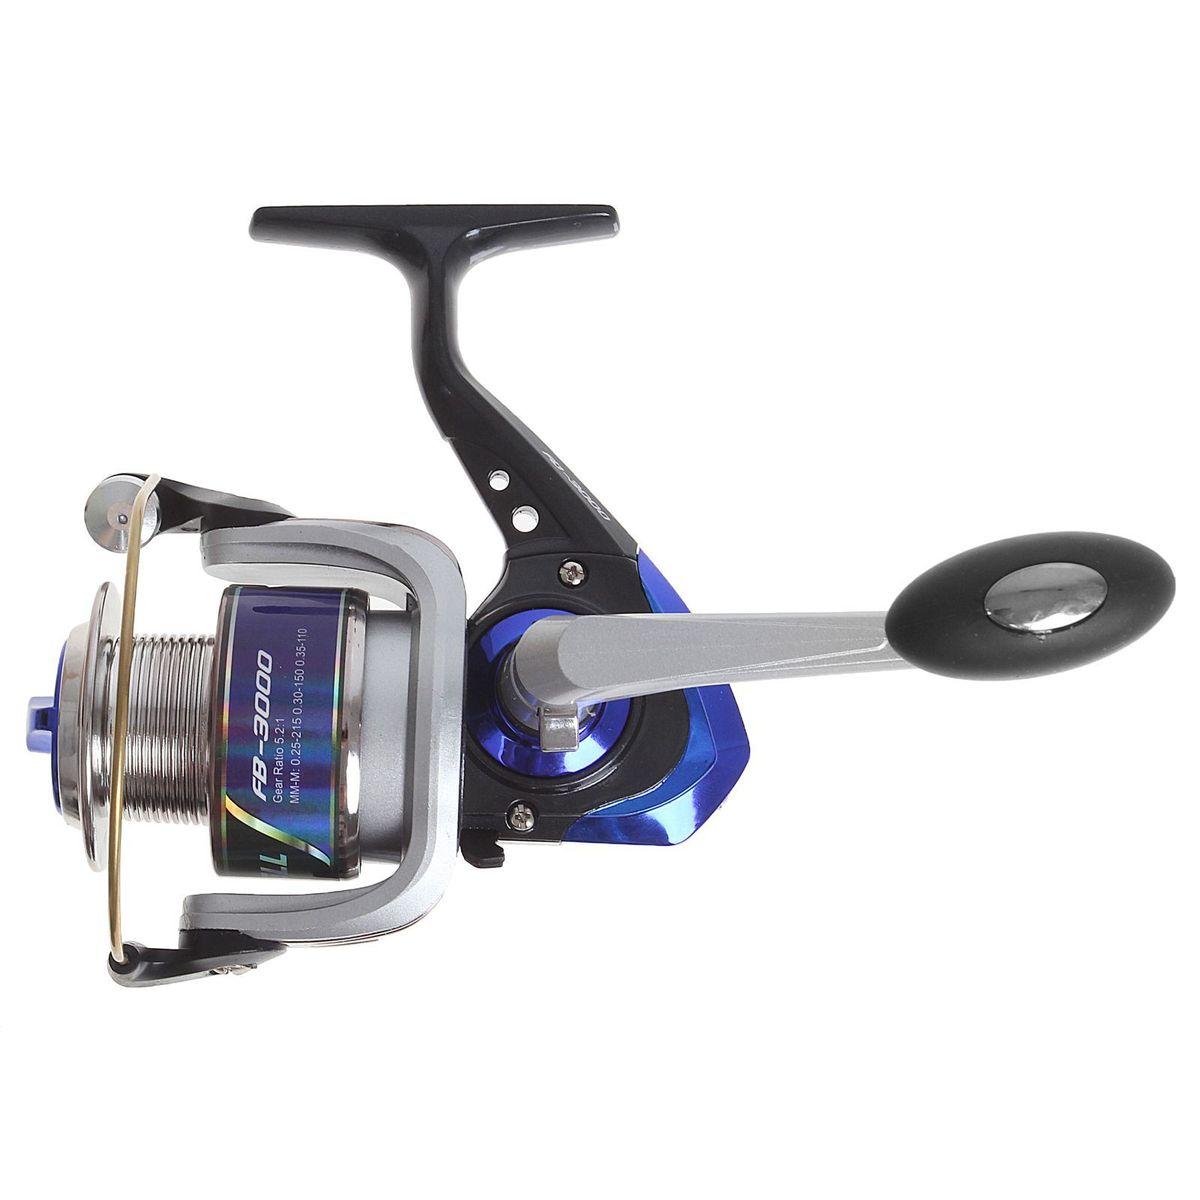 Катушка безынерционная Onlitop 1BB FB 3000, цвет: синий, 1 подшипник1305RКатушка 1BB FB 3000 это универсальная модель «эконом»-класса для разных условий рыбалки, отличный выбор для начинающих рыболовов.